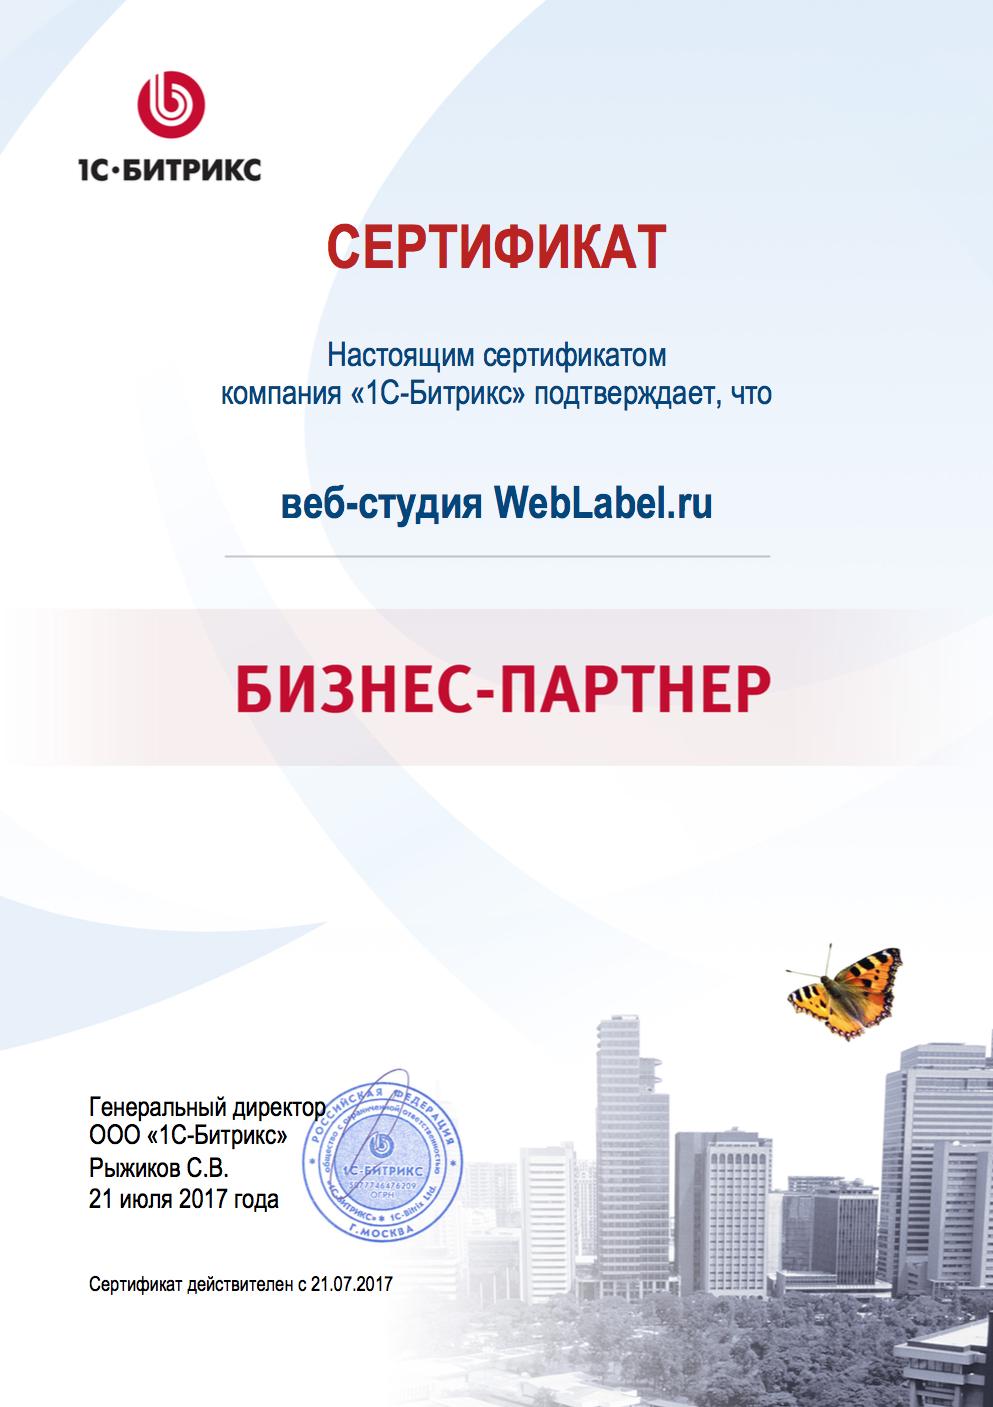 ОФИЦИАЛЬНЫЙ БИЗНЕС ПАРТНЕР 1С-БИТРИКС